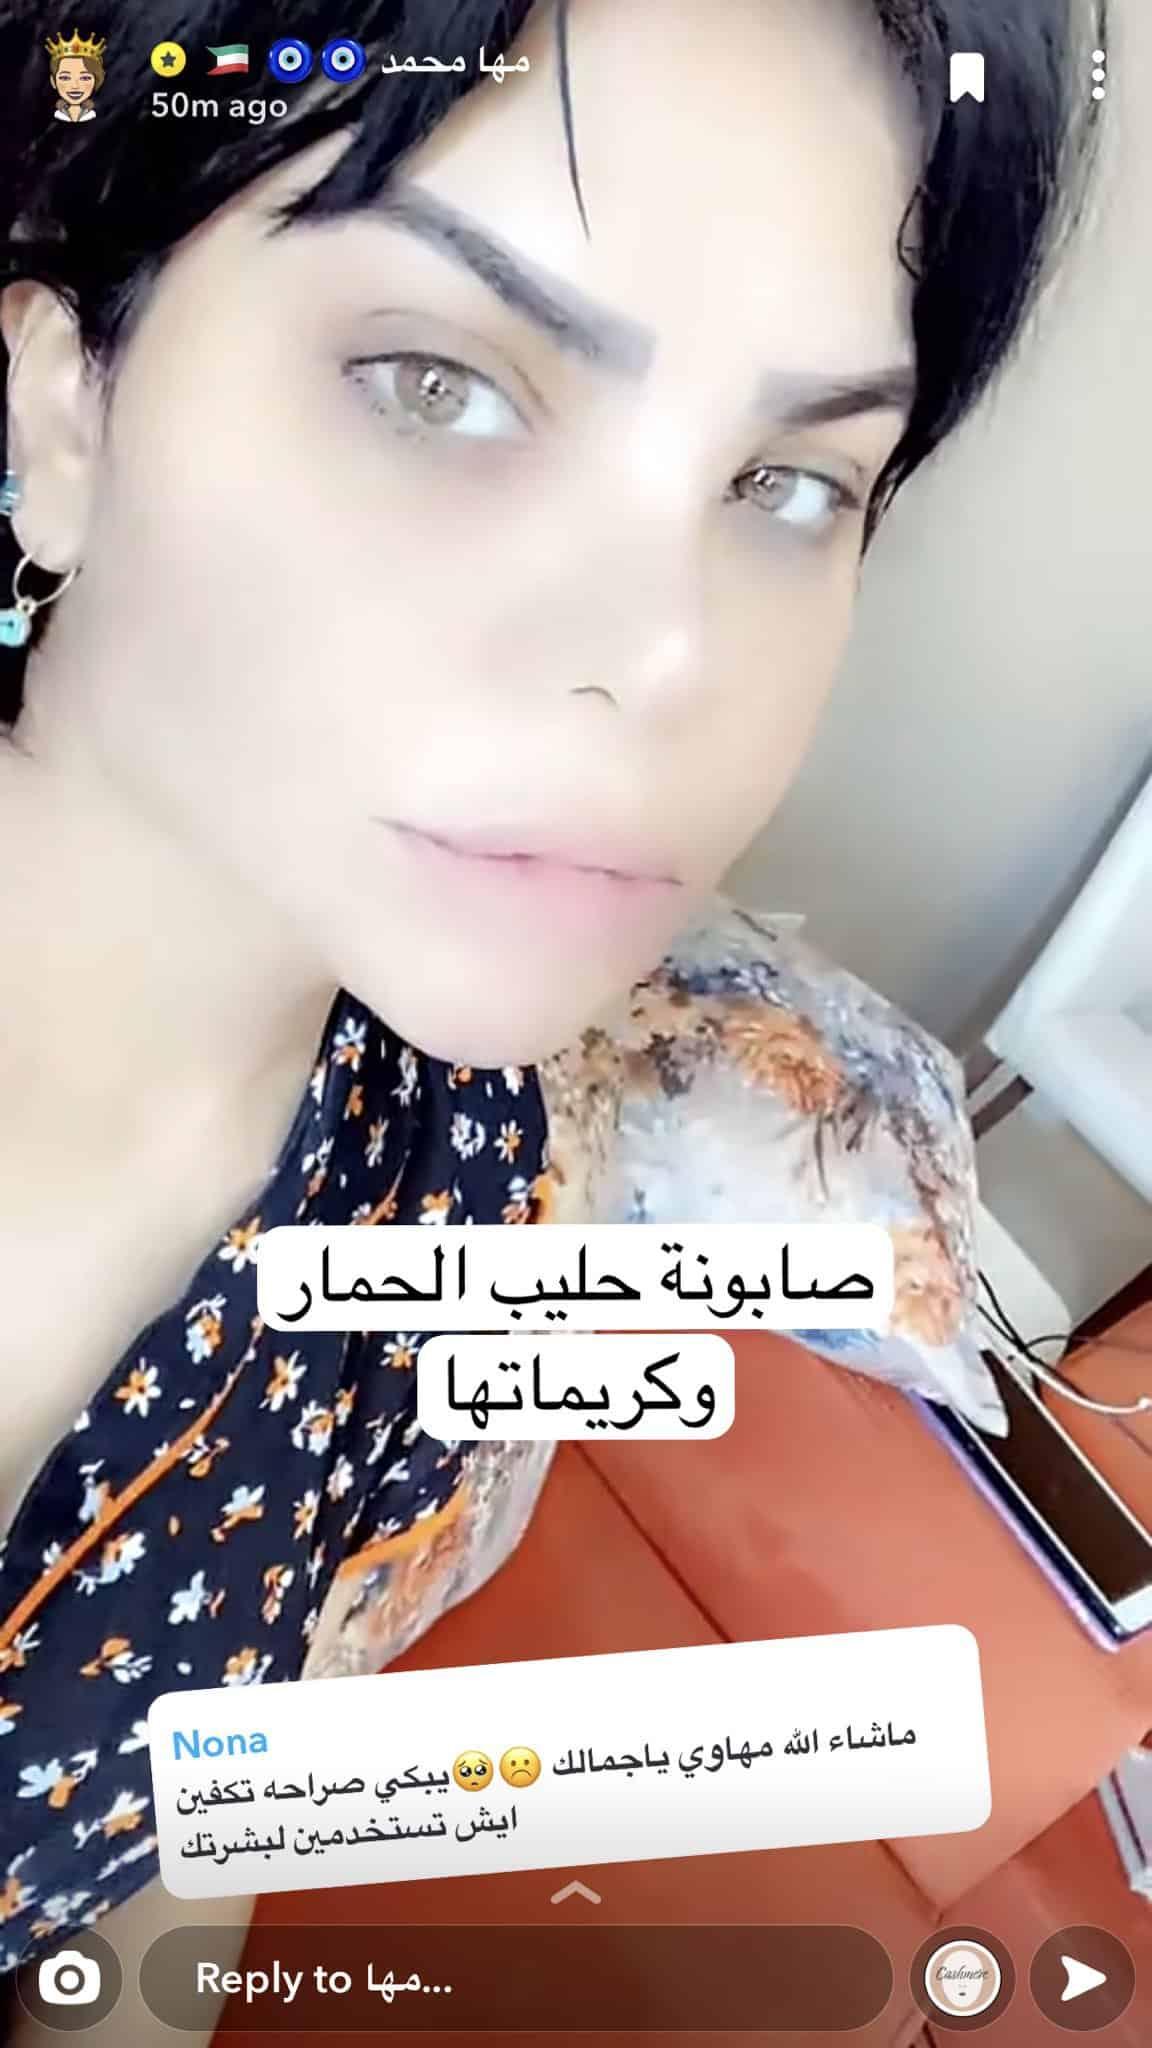 الممثلة مها محمد تنصح متابعه بصابون حليب الحمار للبشرة المشرقة